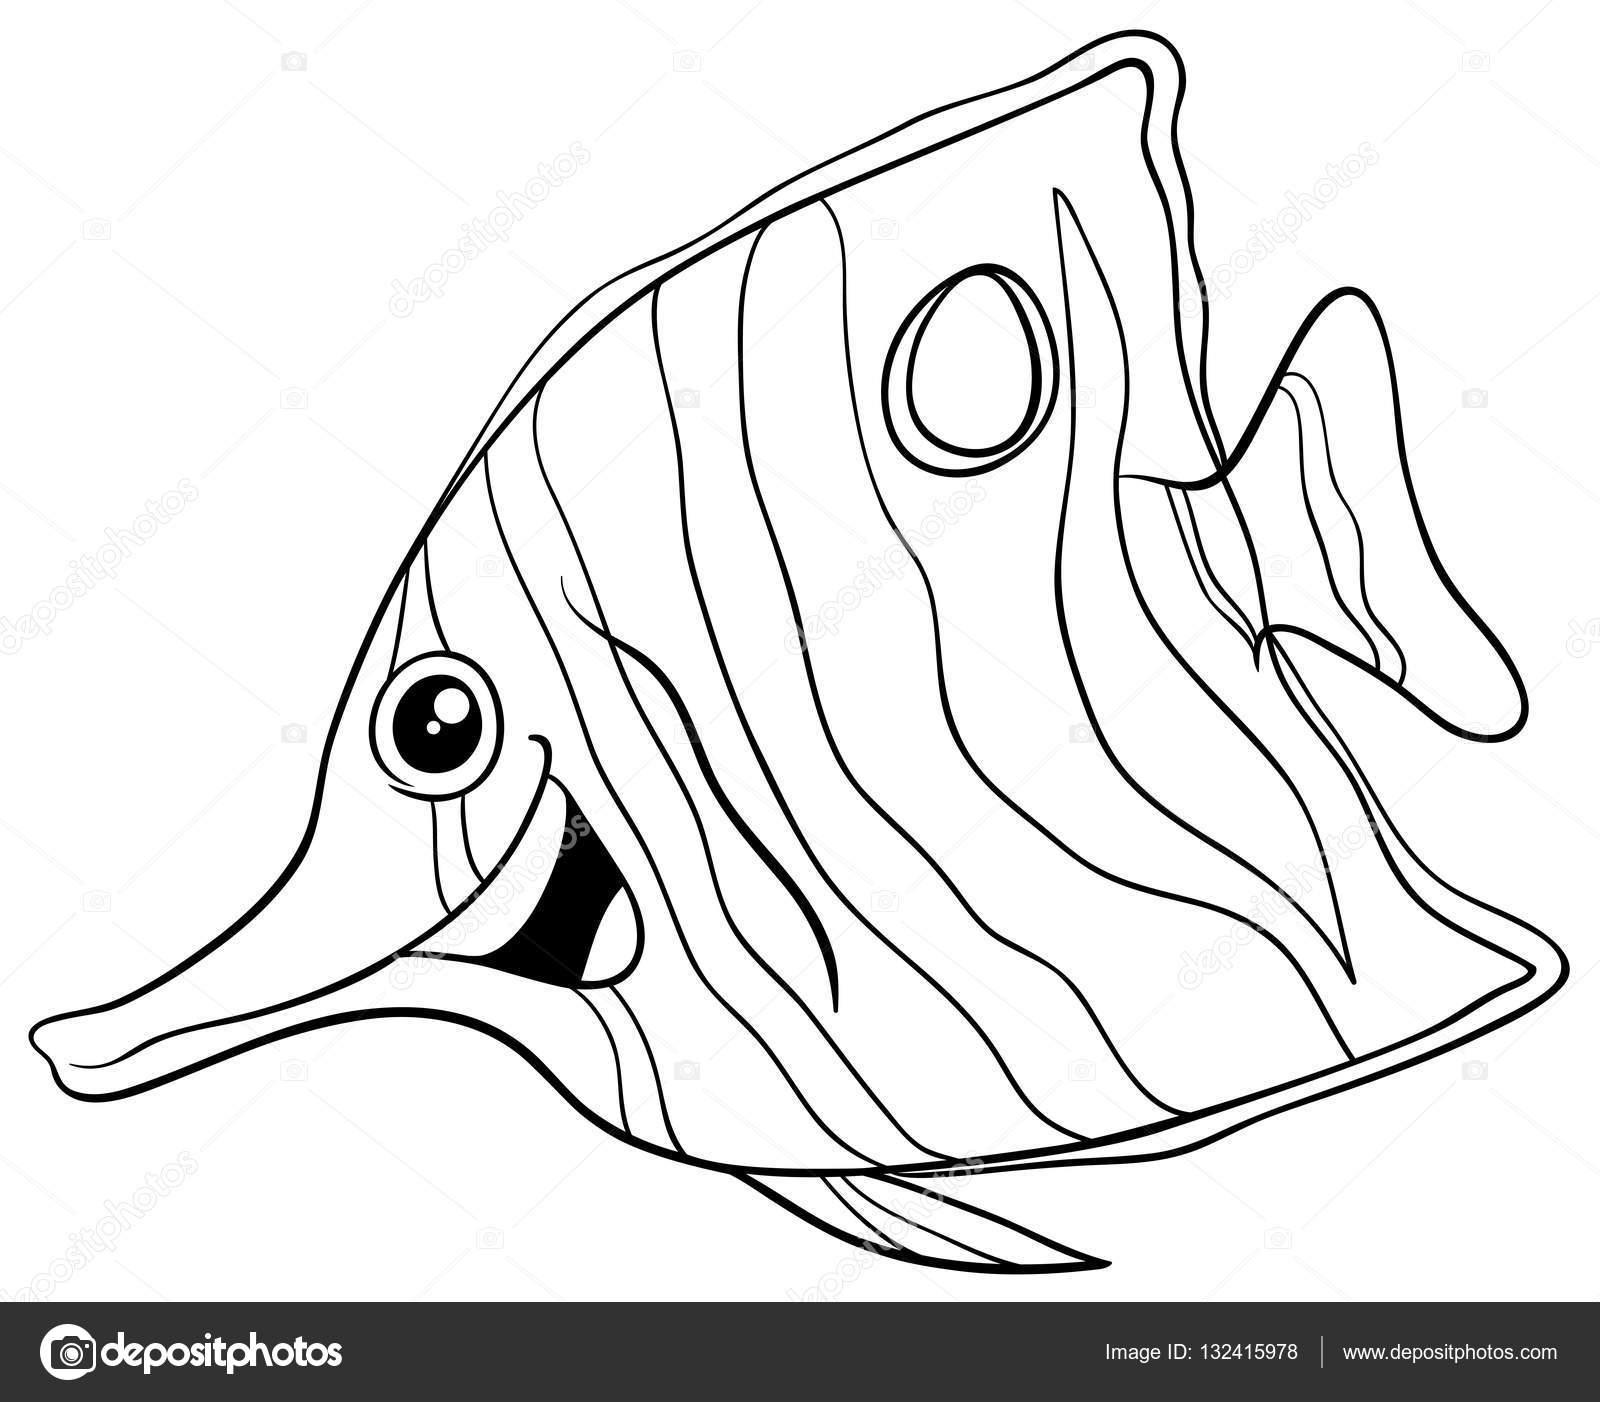 libro para colorear de peces exóticos — Archivo Imágenes Vectoriales ...